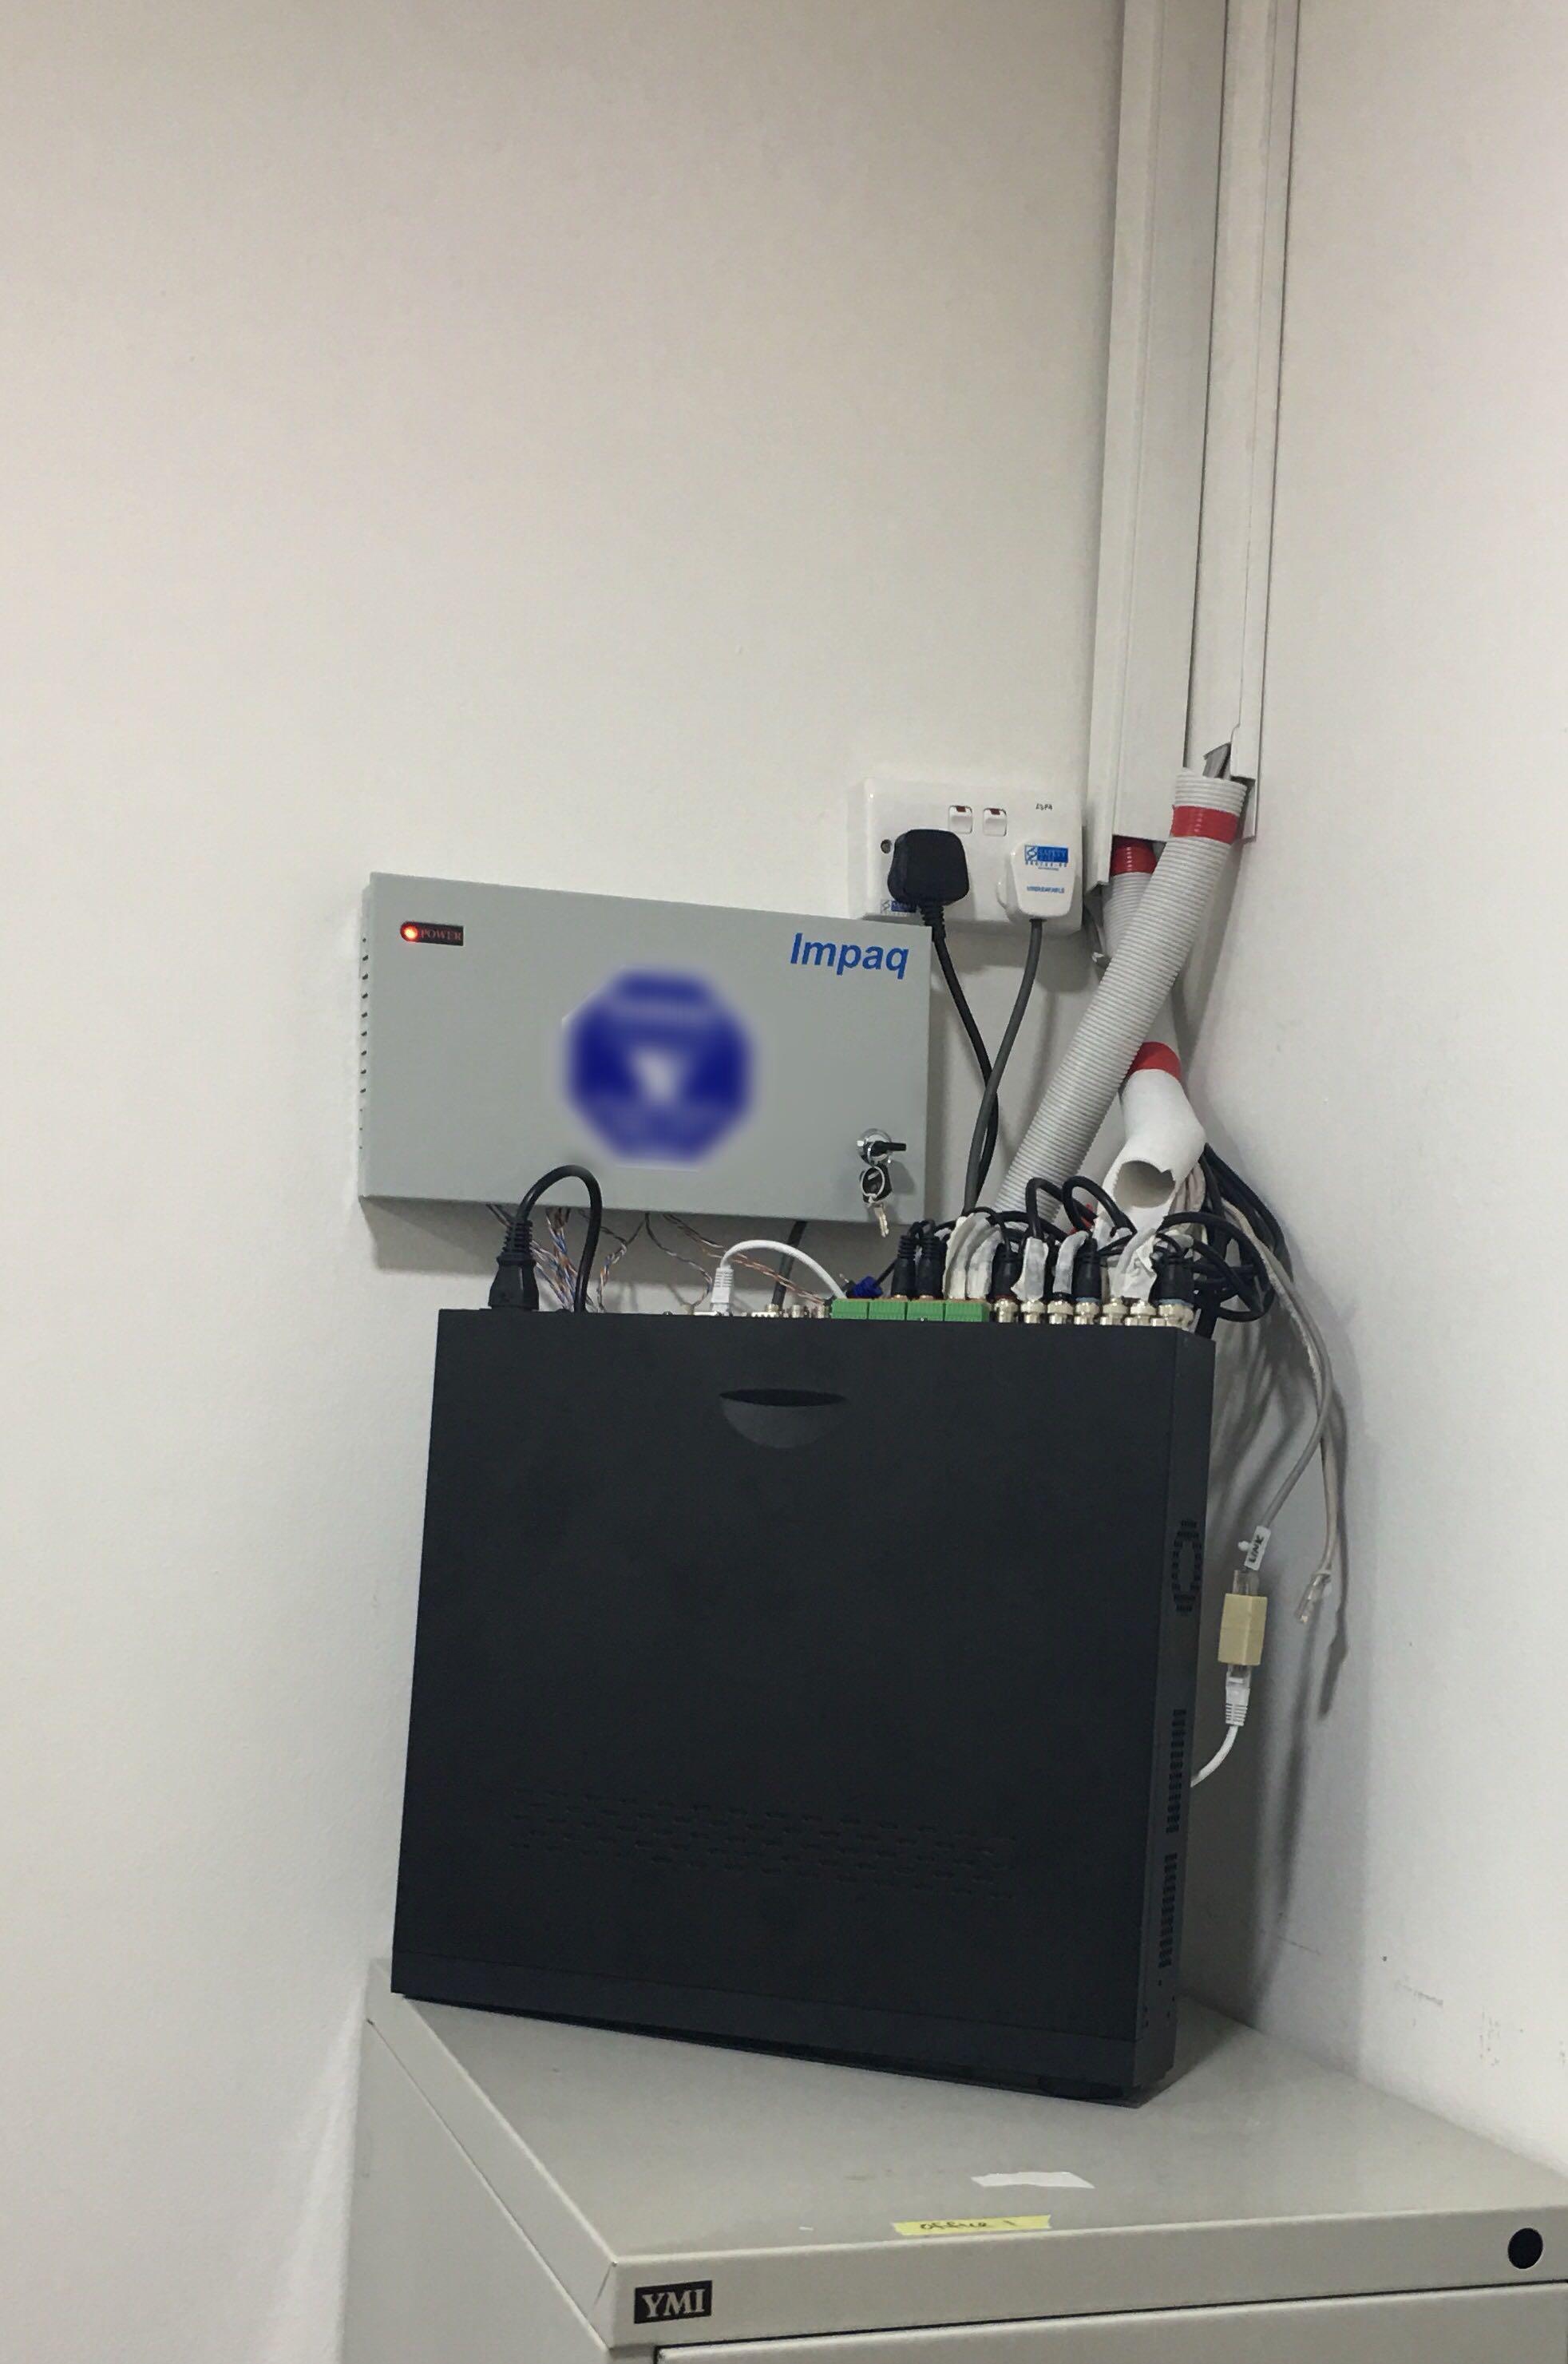 Wifi & CCTV troubleshooting